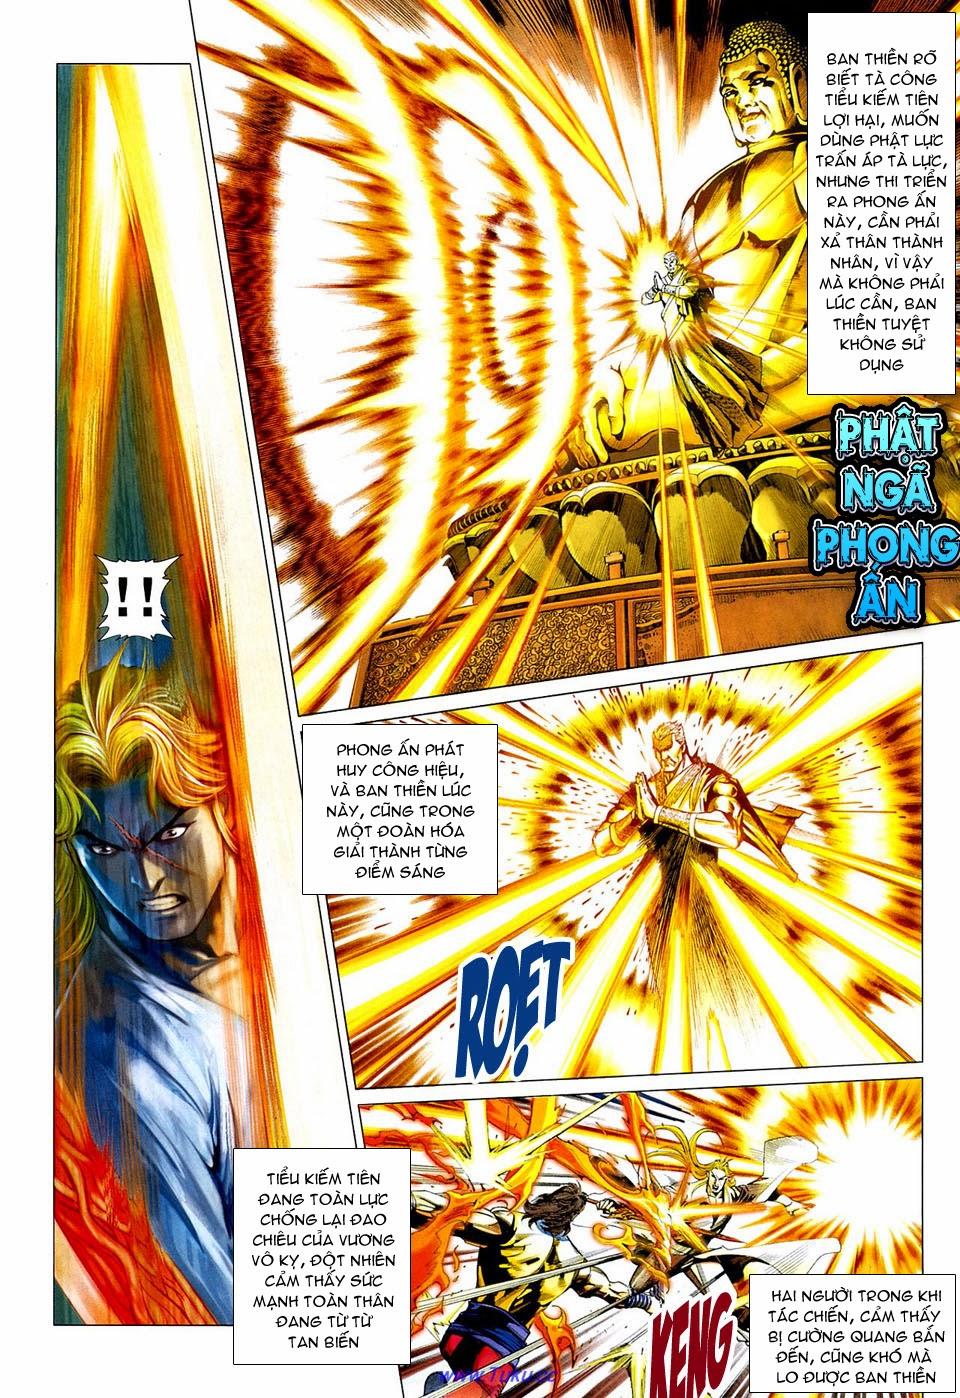 Thiên Hạ Vô Địch Tiểu Kiếm Tiên chap 31 - Trang 19